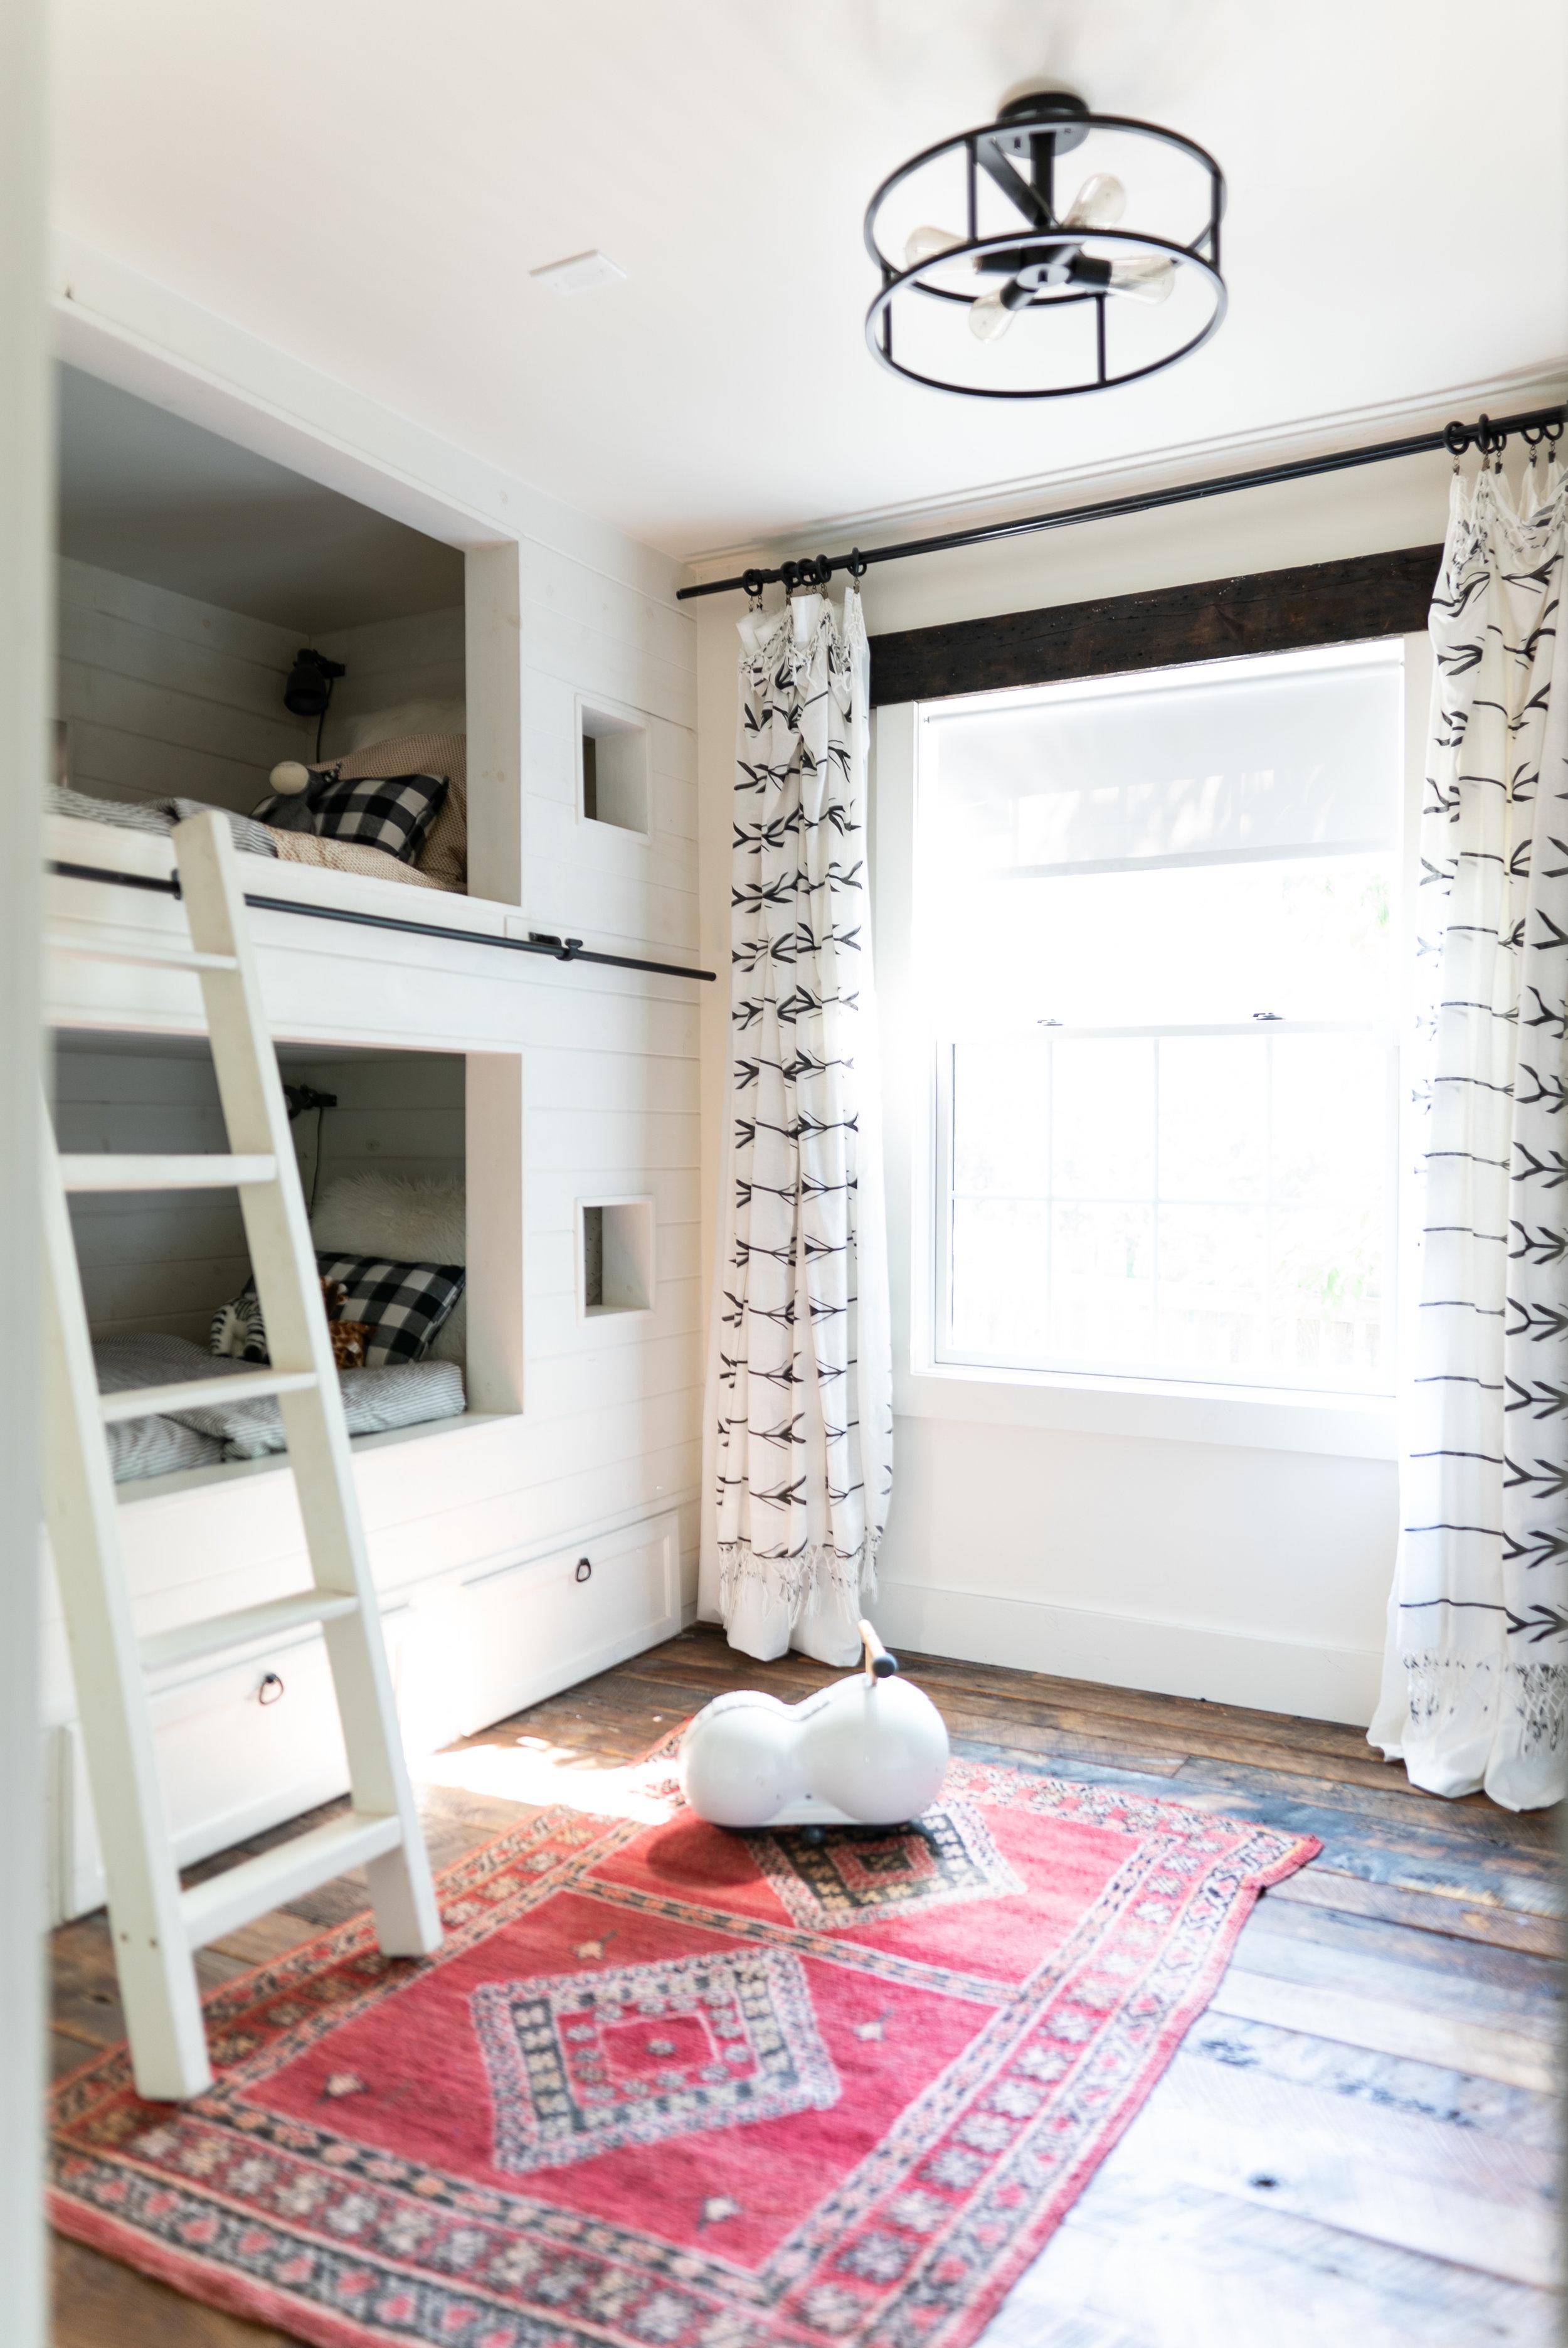 KF_Ollie room_from door-09344.jpg